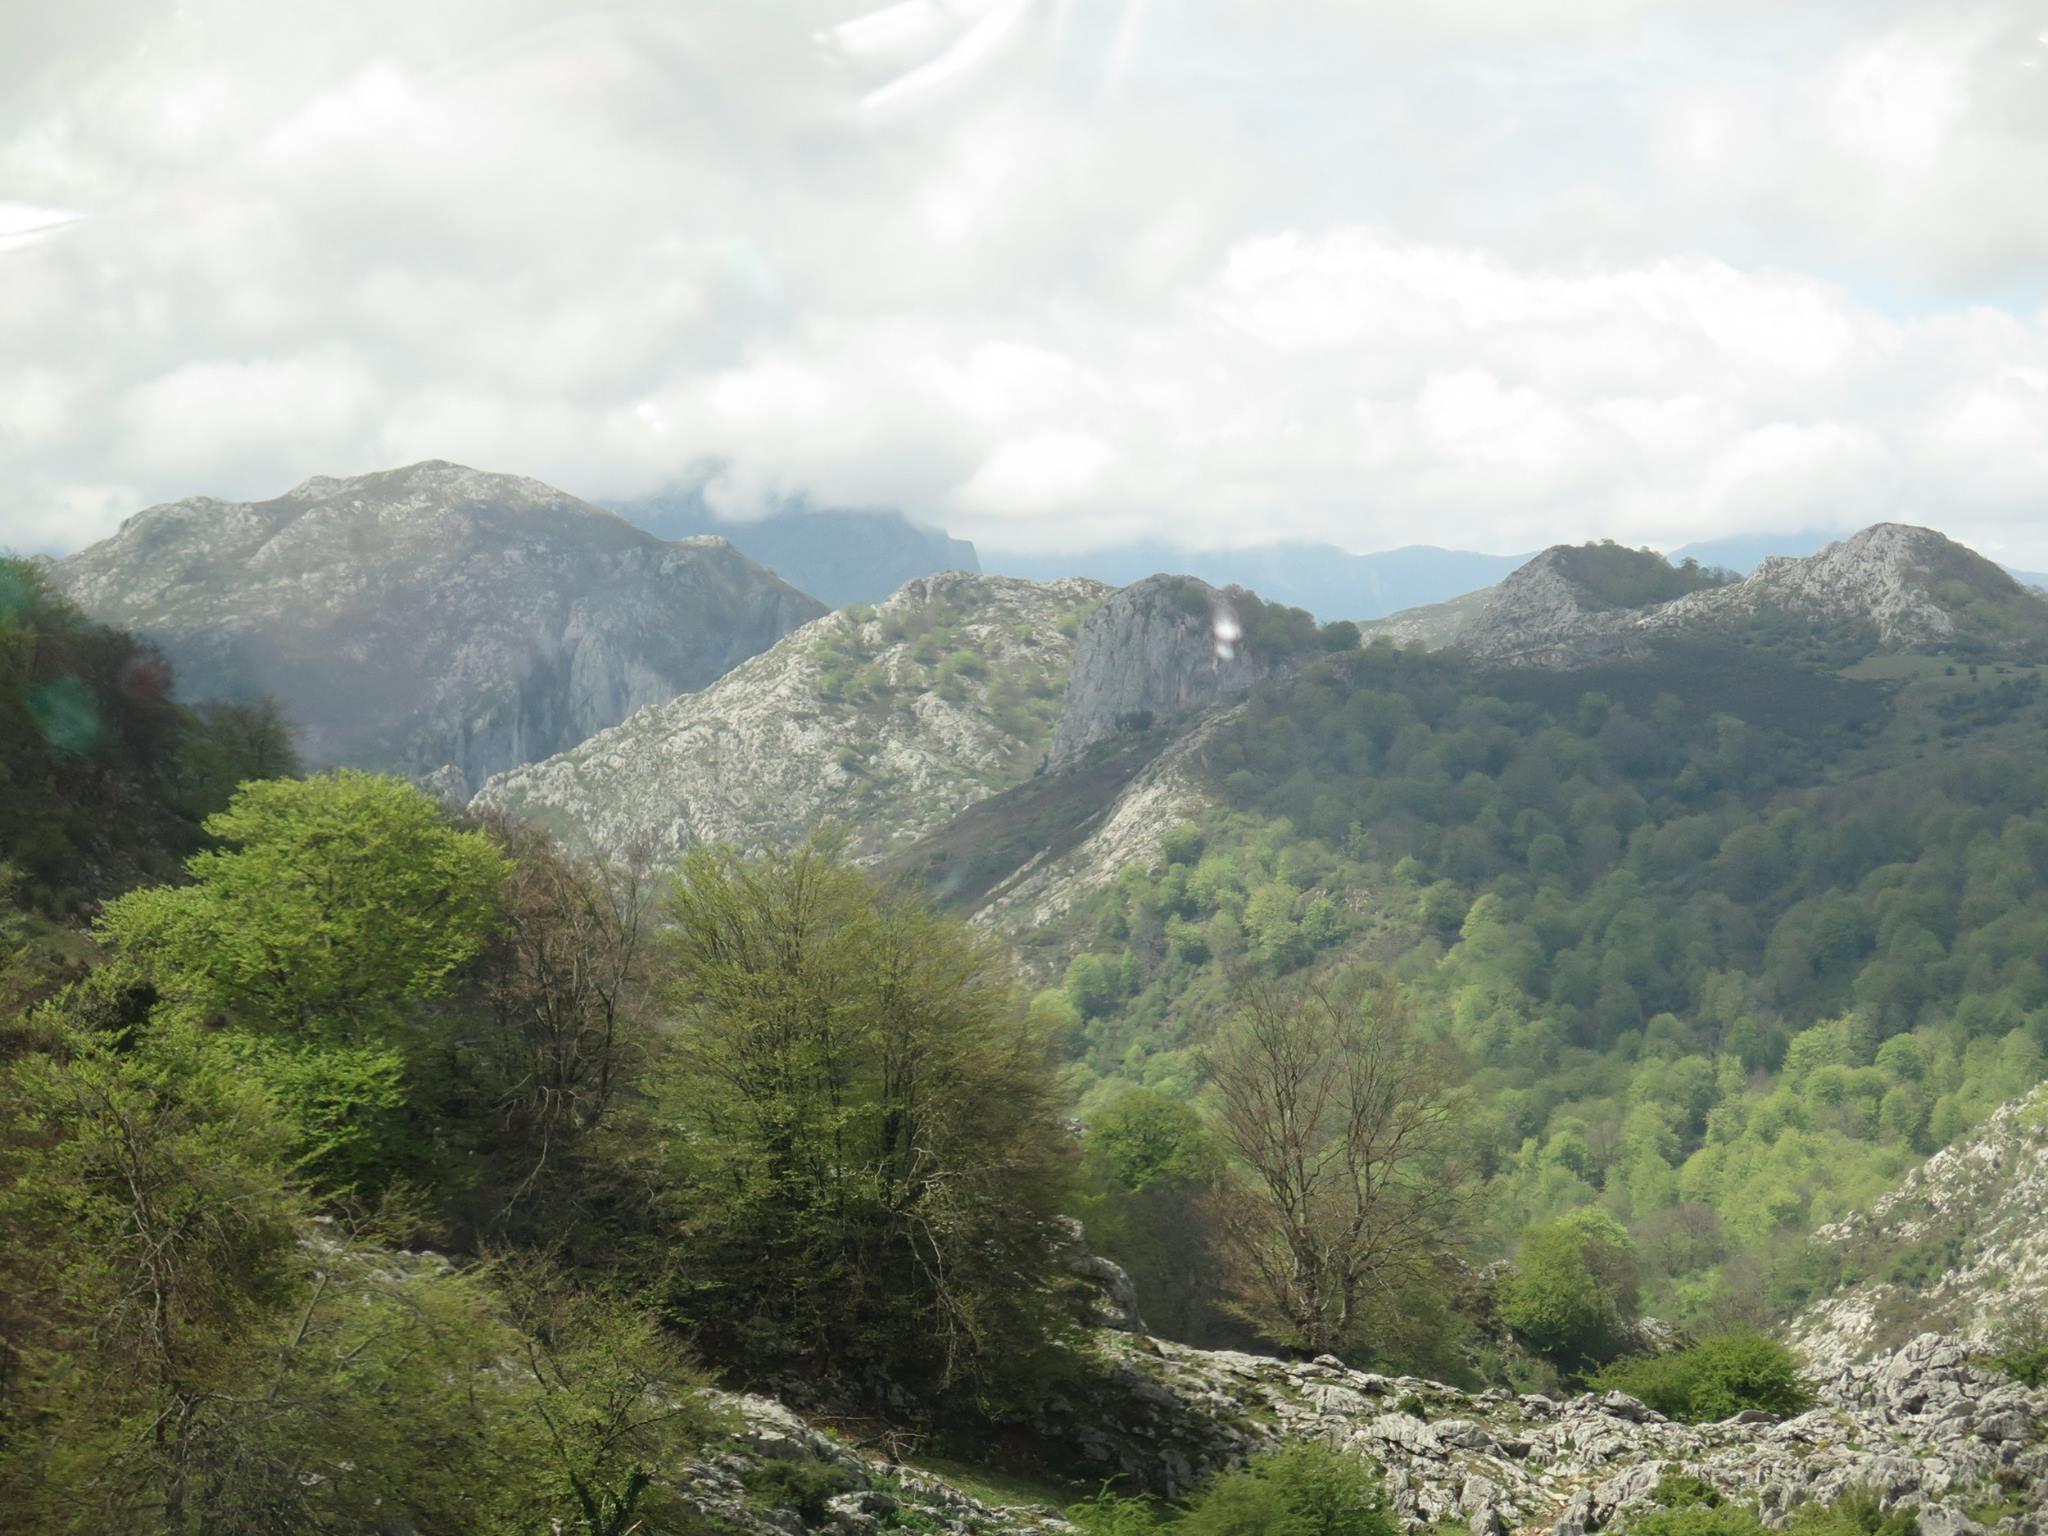 2017.05.2 y3 - Viaje Covadonga Sector Hnos. Mayores (22)